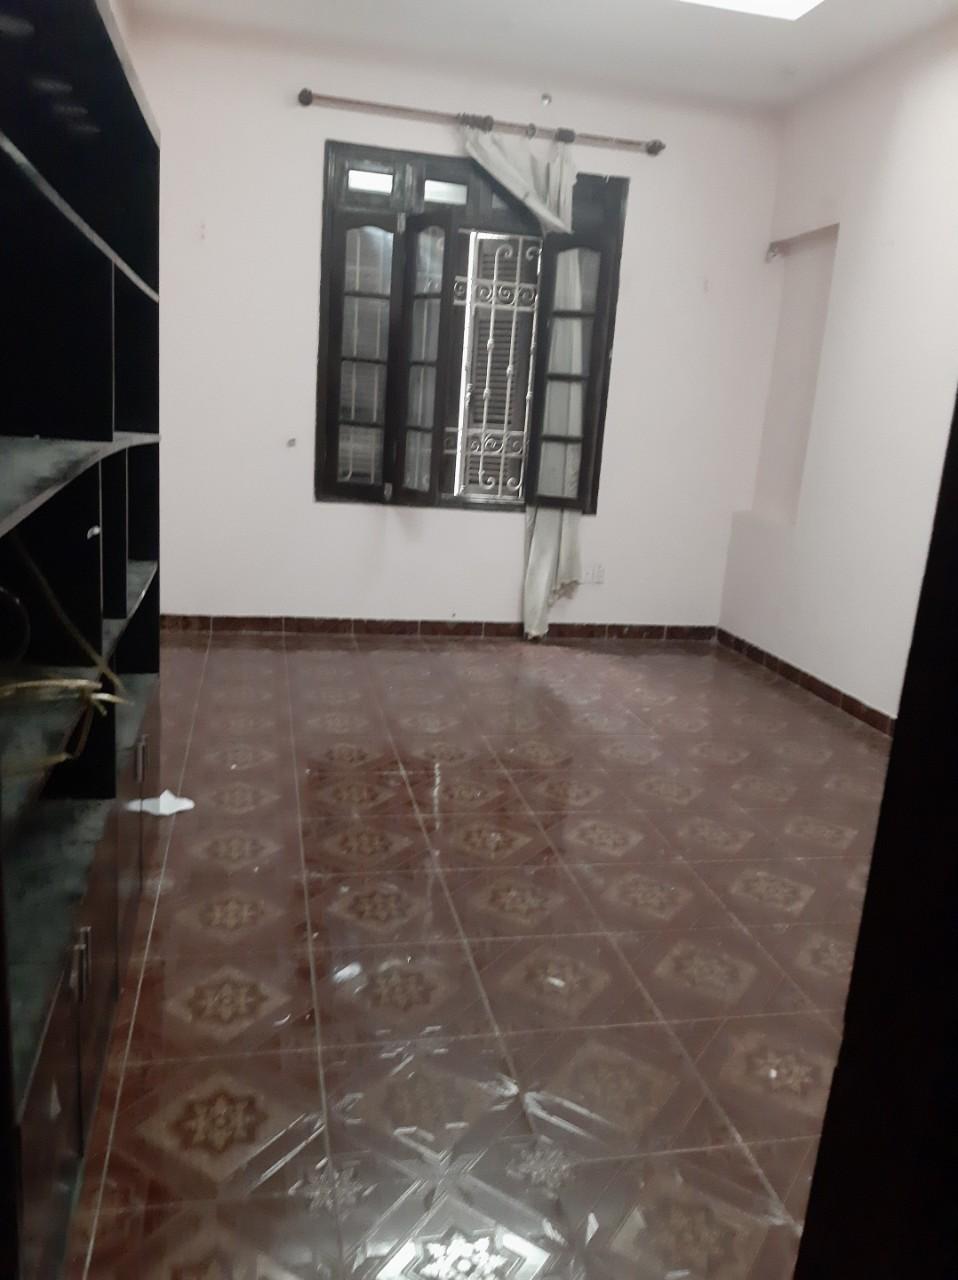 Cho thuê Nhà ở, nhà cấp 4, nhà hẻm đường Lạc Trung, Phường Vĩnh Tuy, Diện tích 65m², Giá 12.5 Triệu/tháng - LH: 0818011234